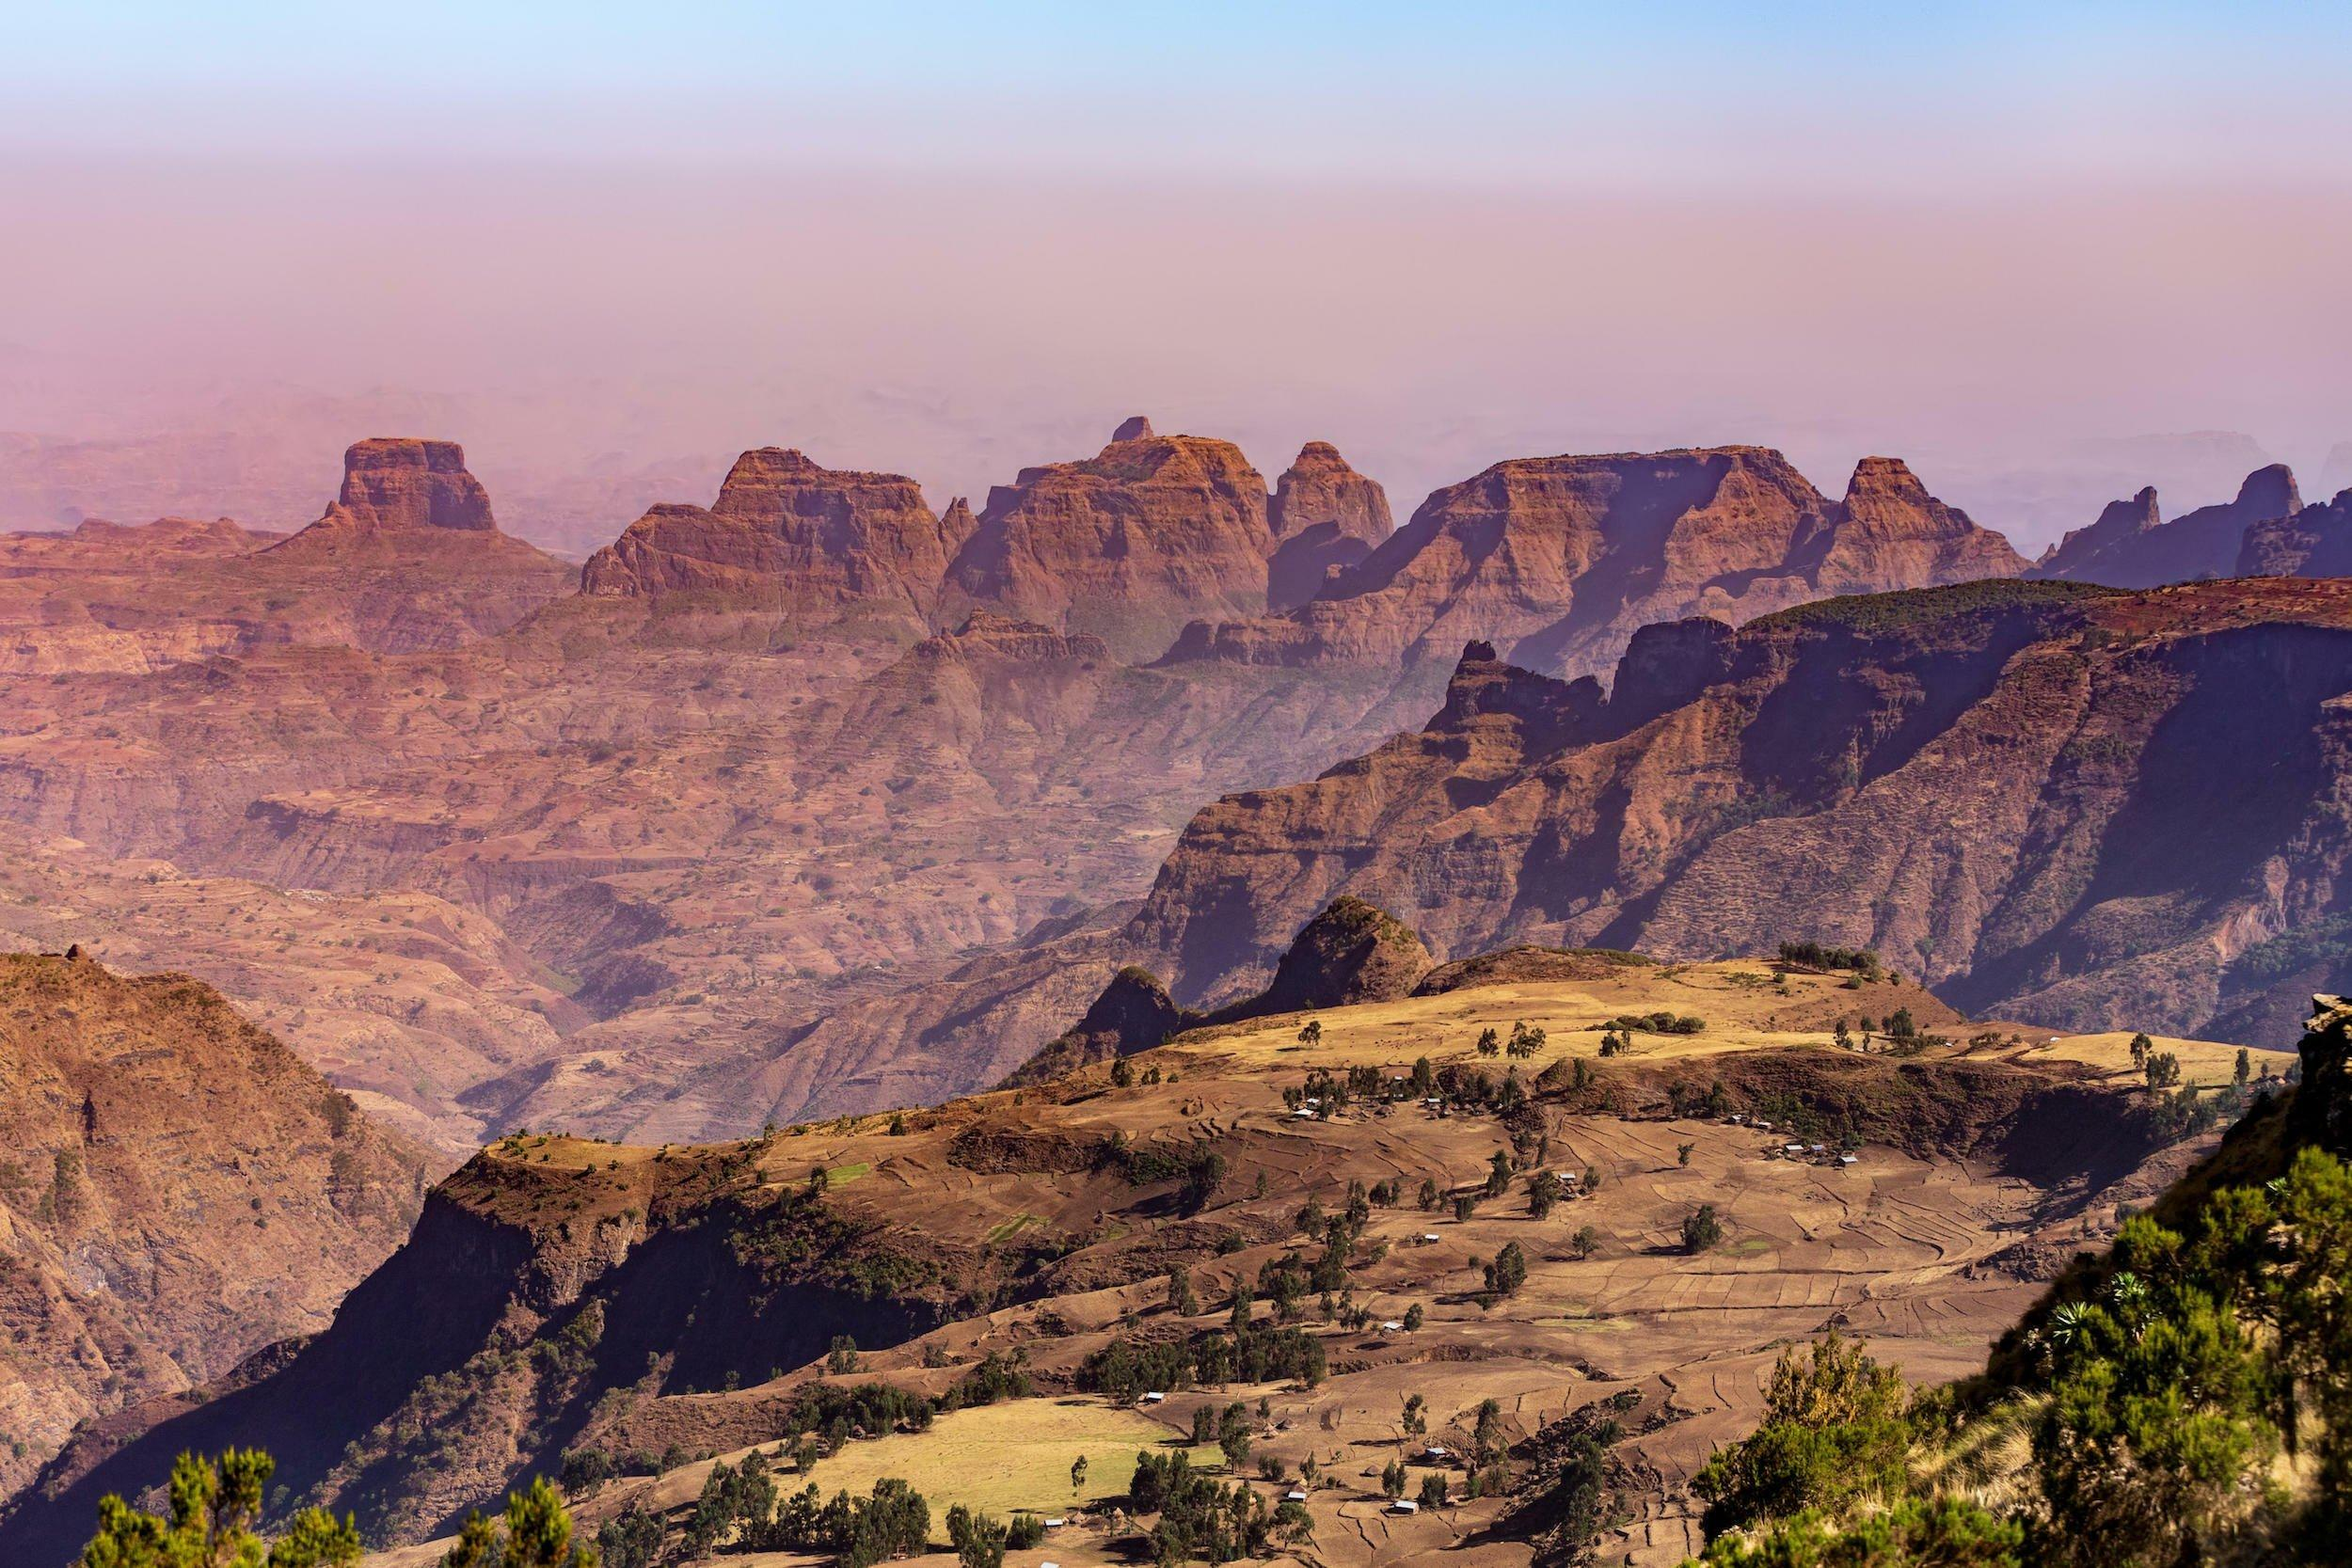 Eine trockene Gebirgslandschaft mit zackigen Gipfeln, im Vordergrund eine kleine bäuerliche Siedlung.